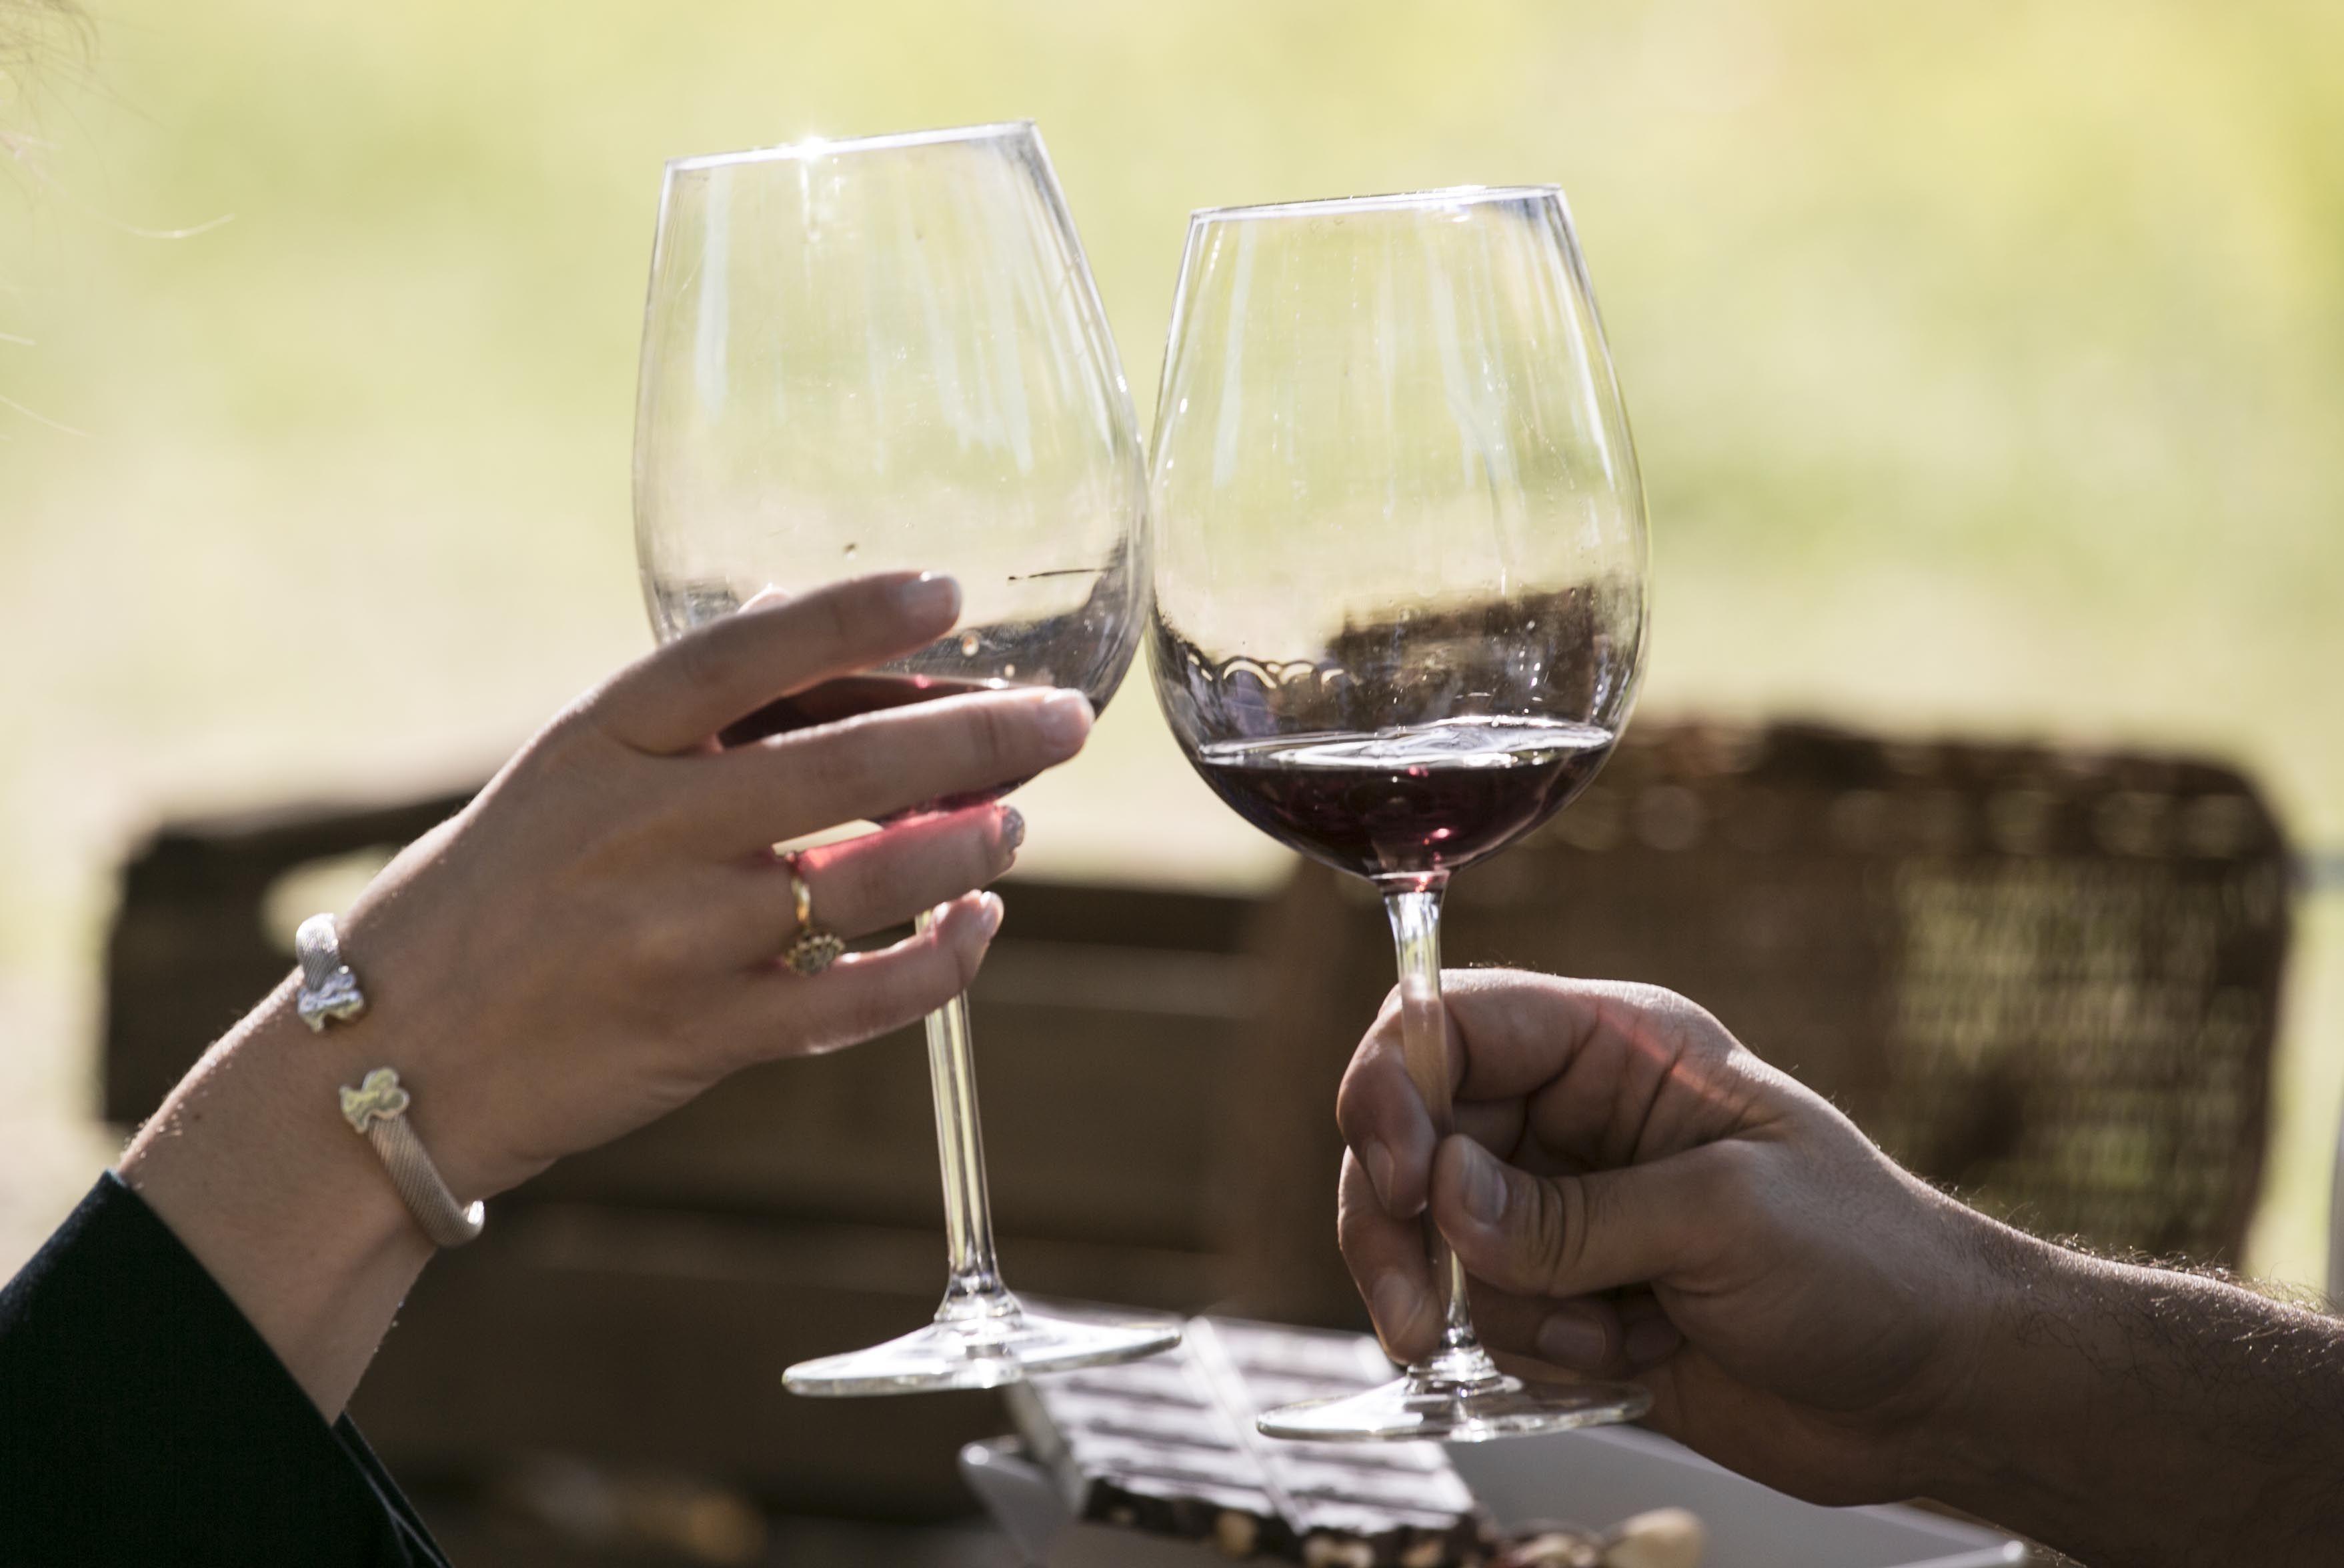 copas chocando en un brindis por la boda en Aranjuez de los novios